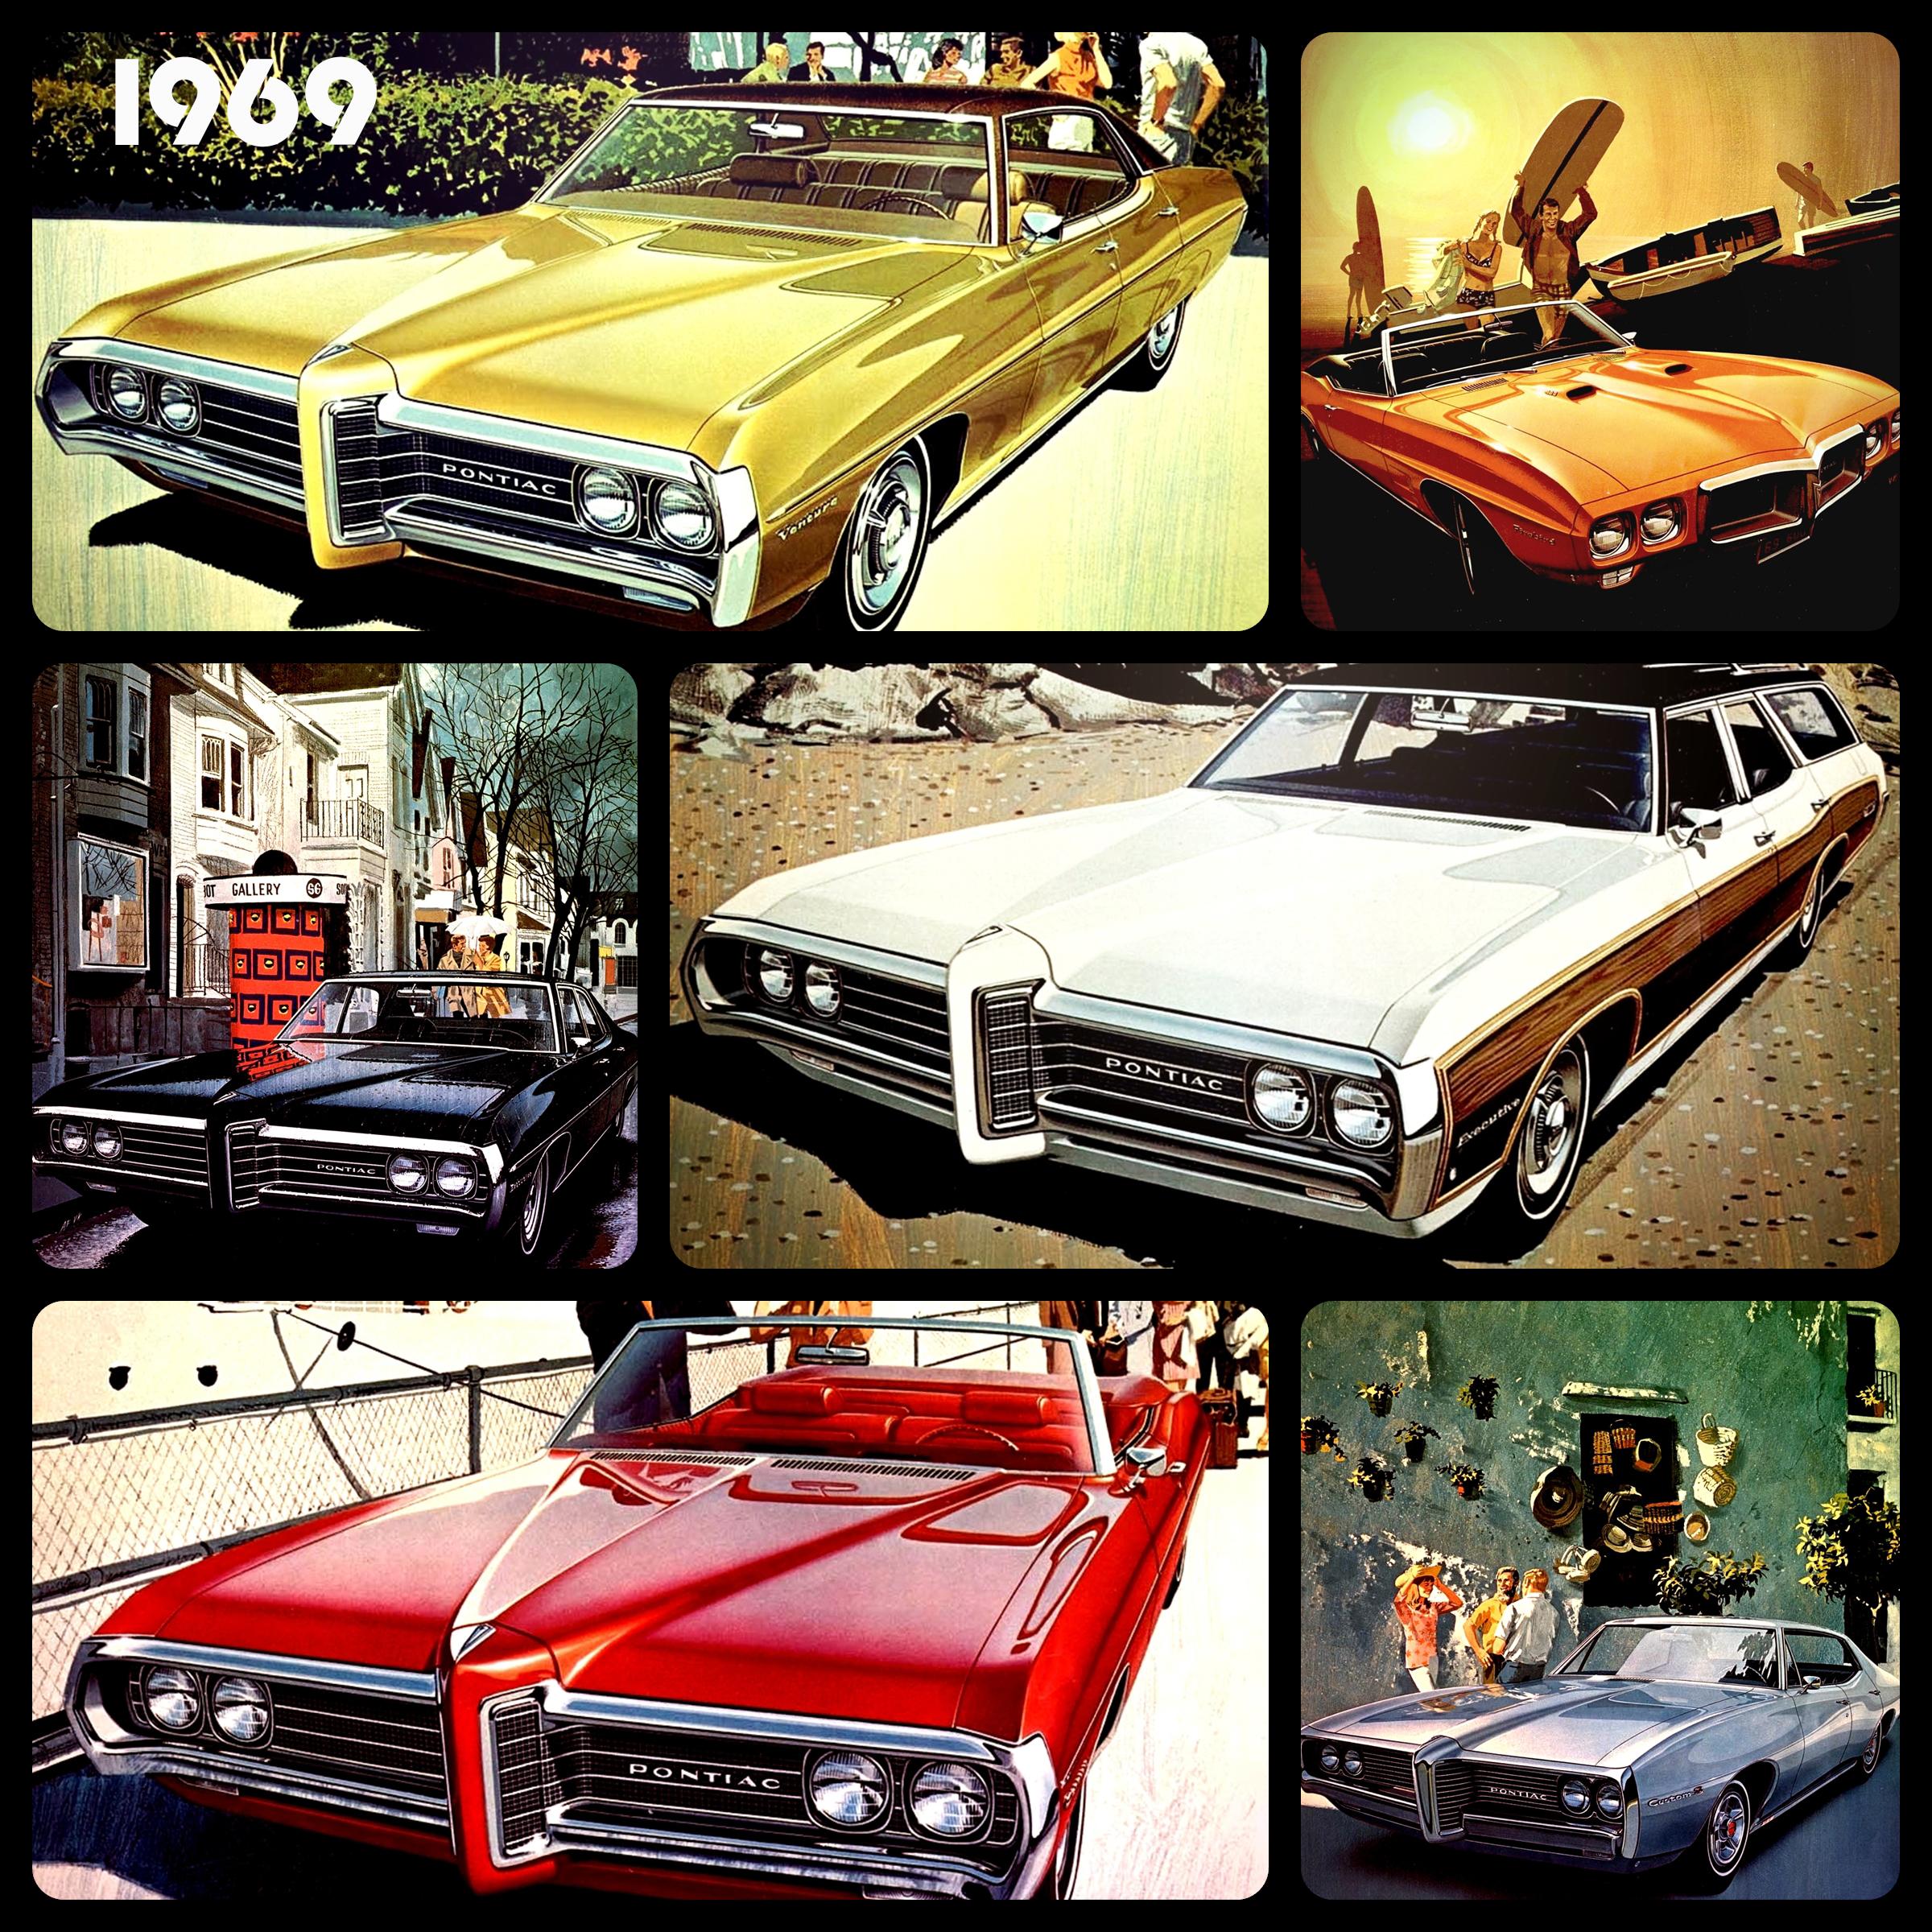 Pontiac 1969